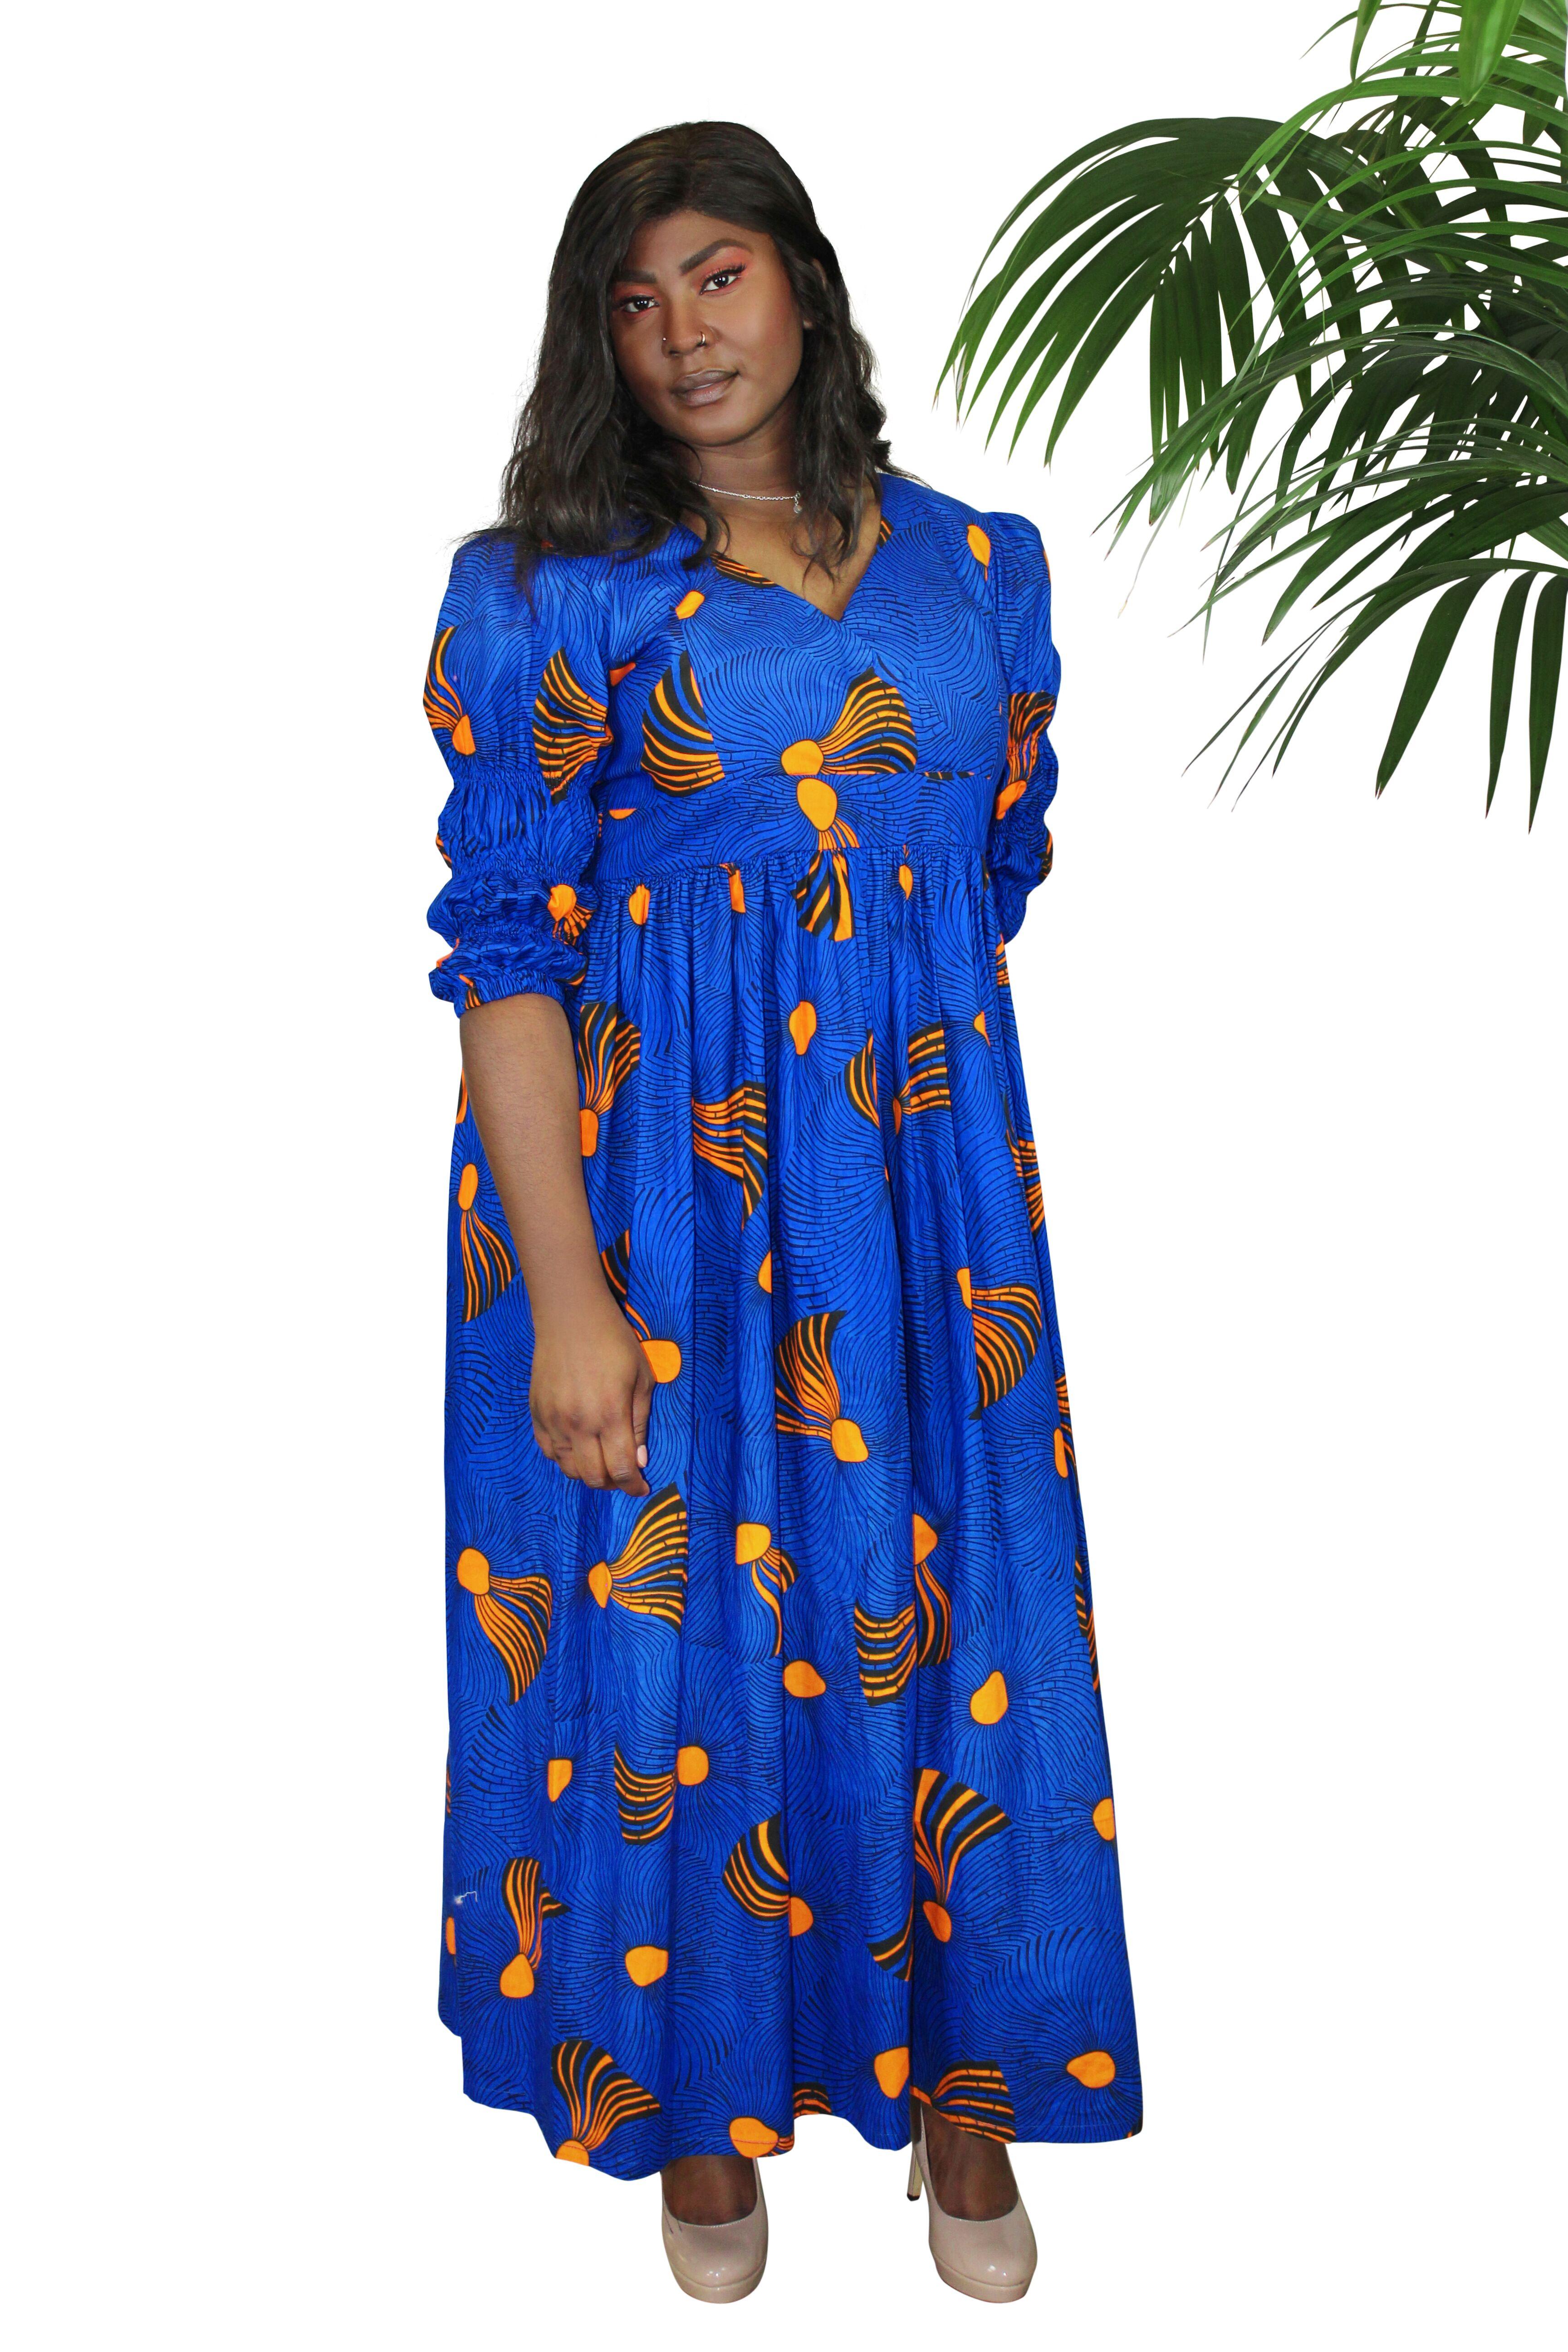 61487dcc33bee African Print Maxi Dress Uk